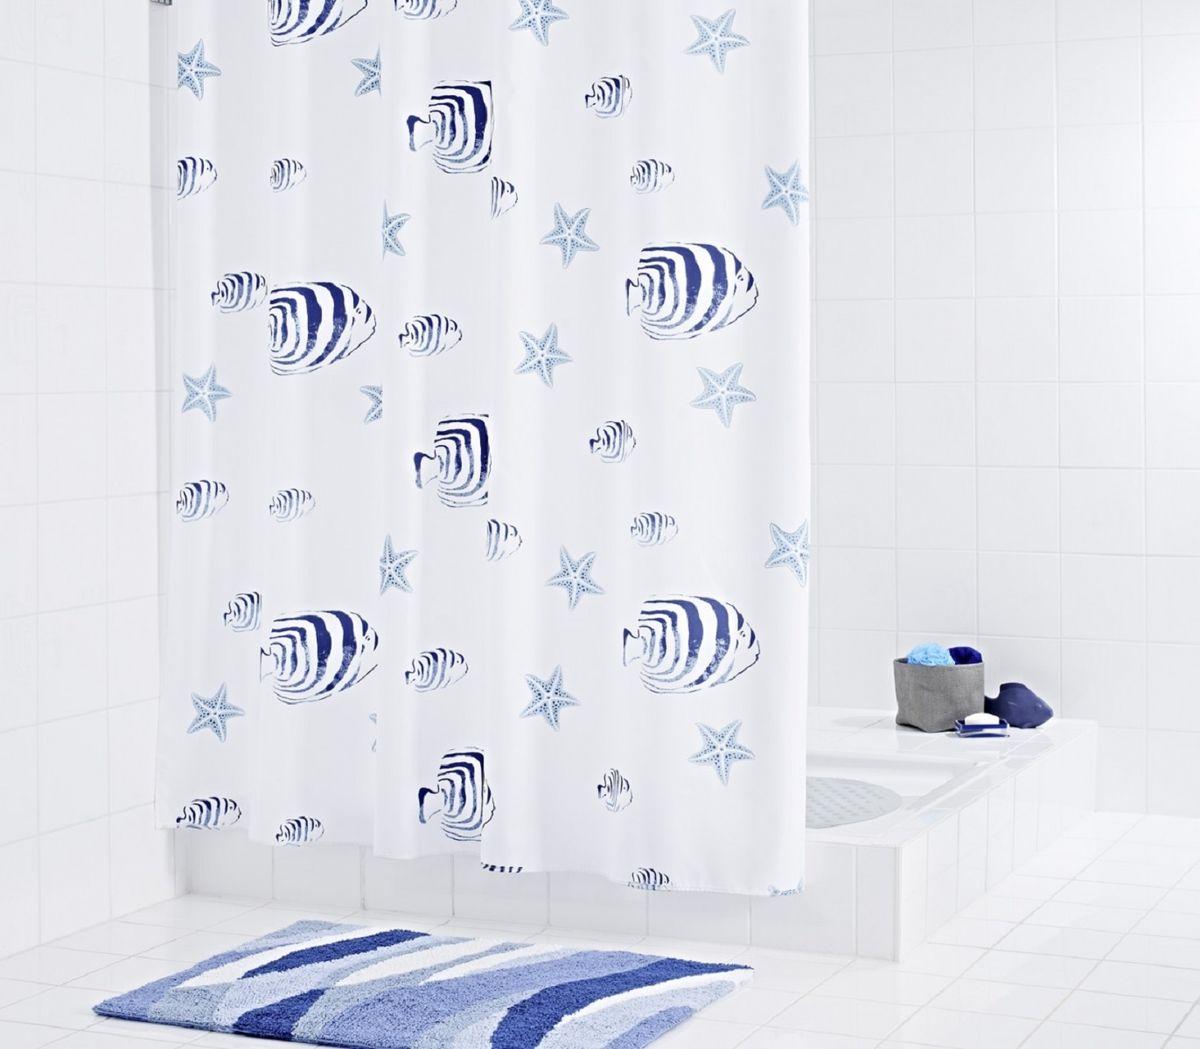 Штора для ванной комнаты Ridder Skalar, 180 х 200 смRG-D31SВысококачественная немецкая шторка Ridder Skalar создаст прекрасное настроение в ванной комнате. Данное изделие имеет антигрибковое, водоотталкивающее и антистатическое покрытие и утяжеленный нижний кант. Машинная стирка. Глажка при низкой температуре.